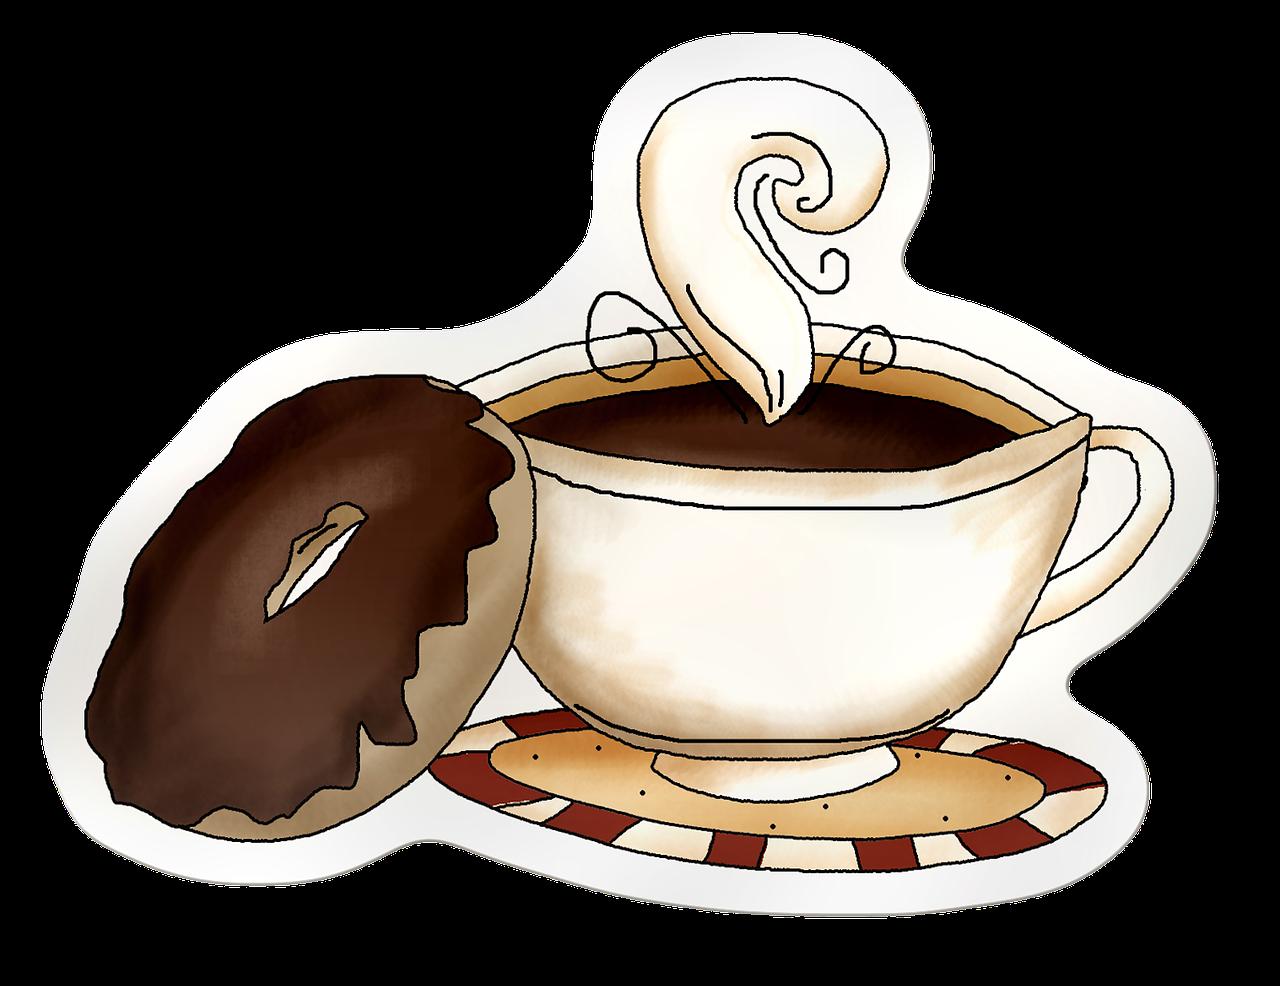 Coffee, Coffee Cup Coffee Head Cup Of Coffee Coffe coffee